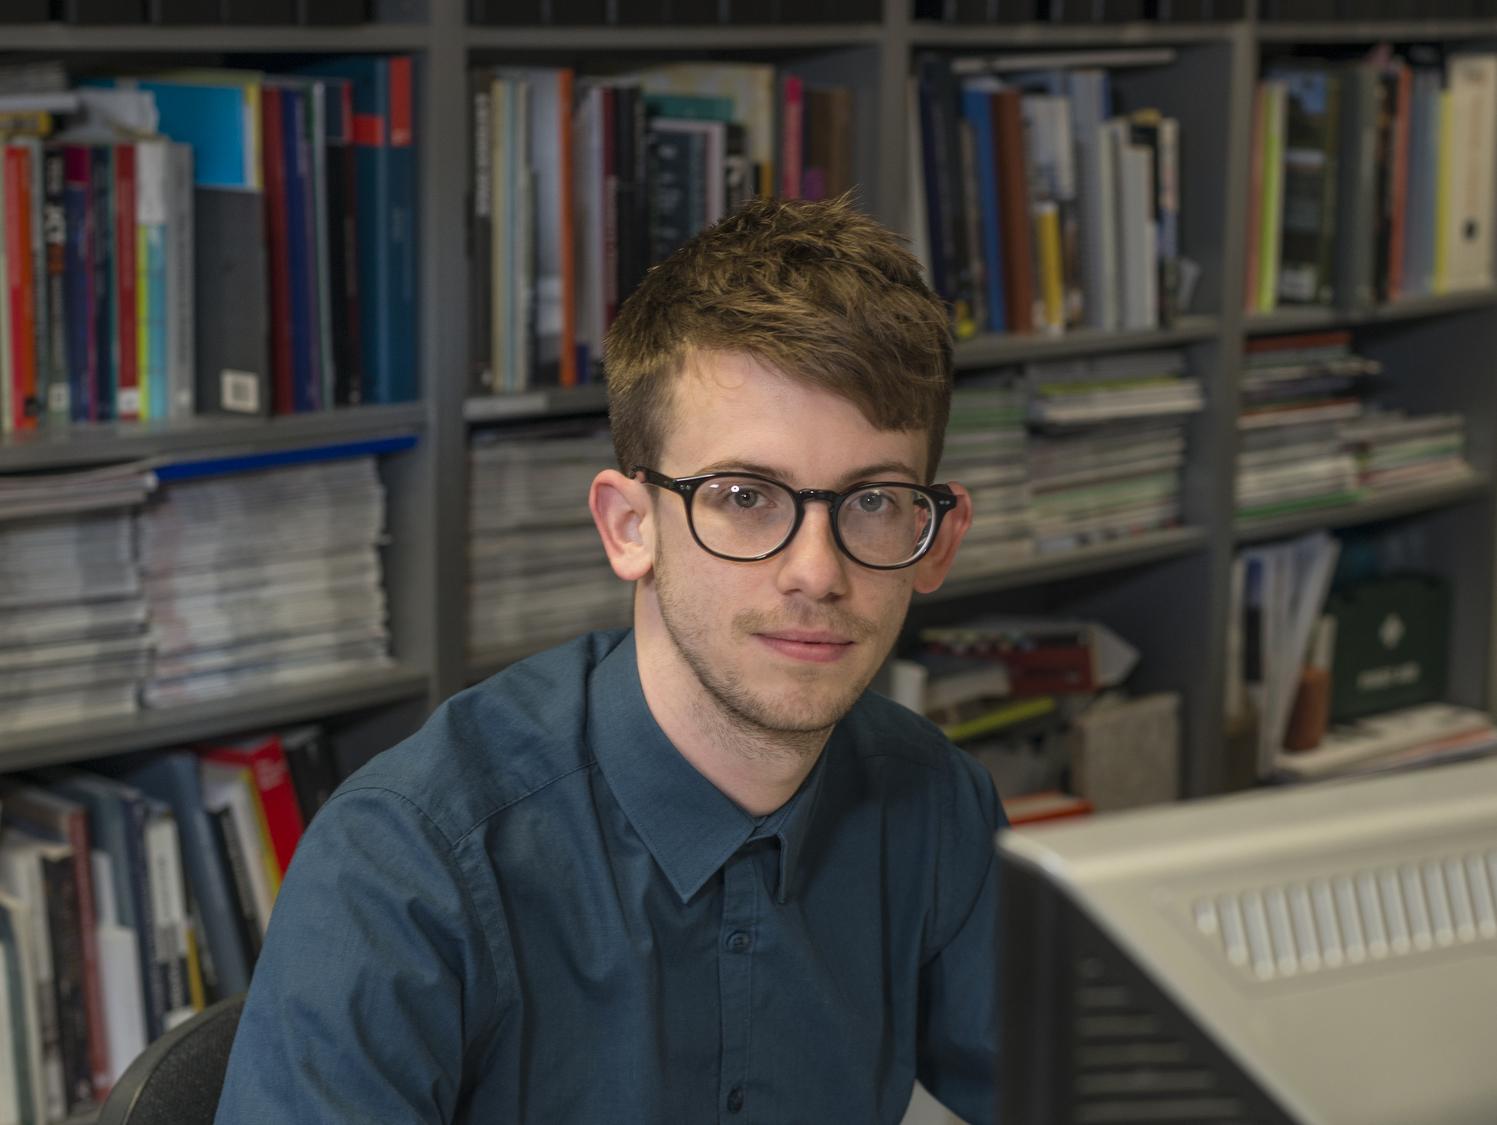 Luke Bushnell-Wye